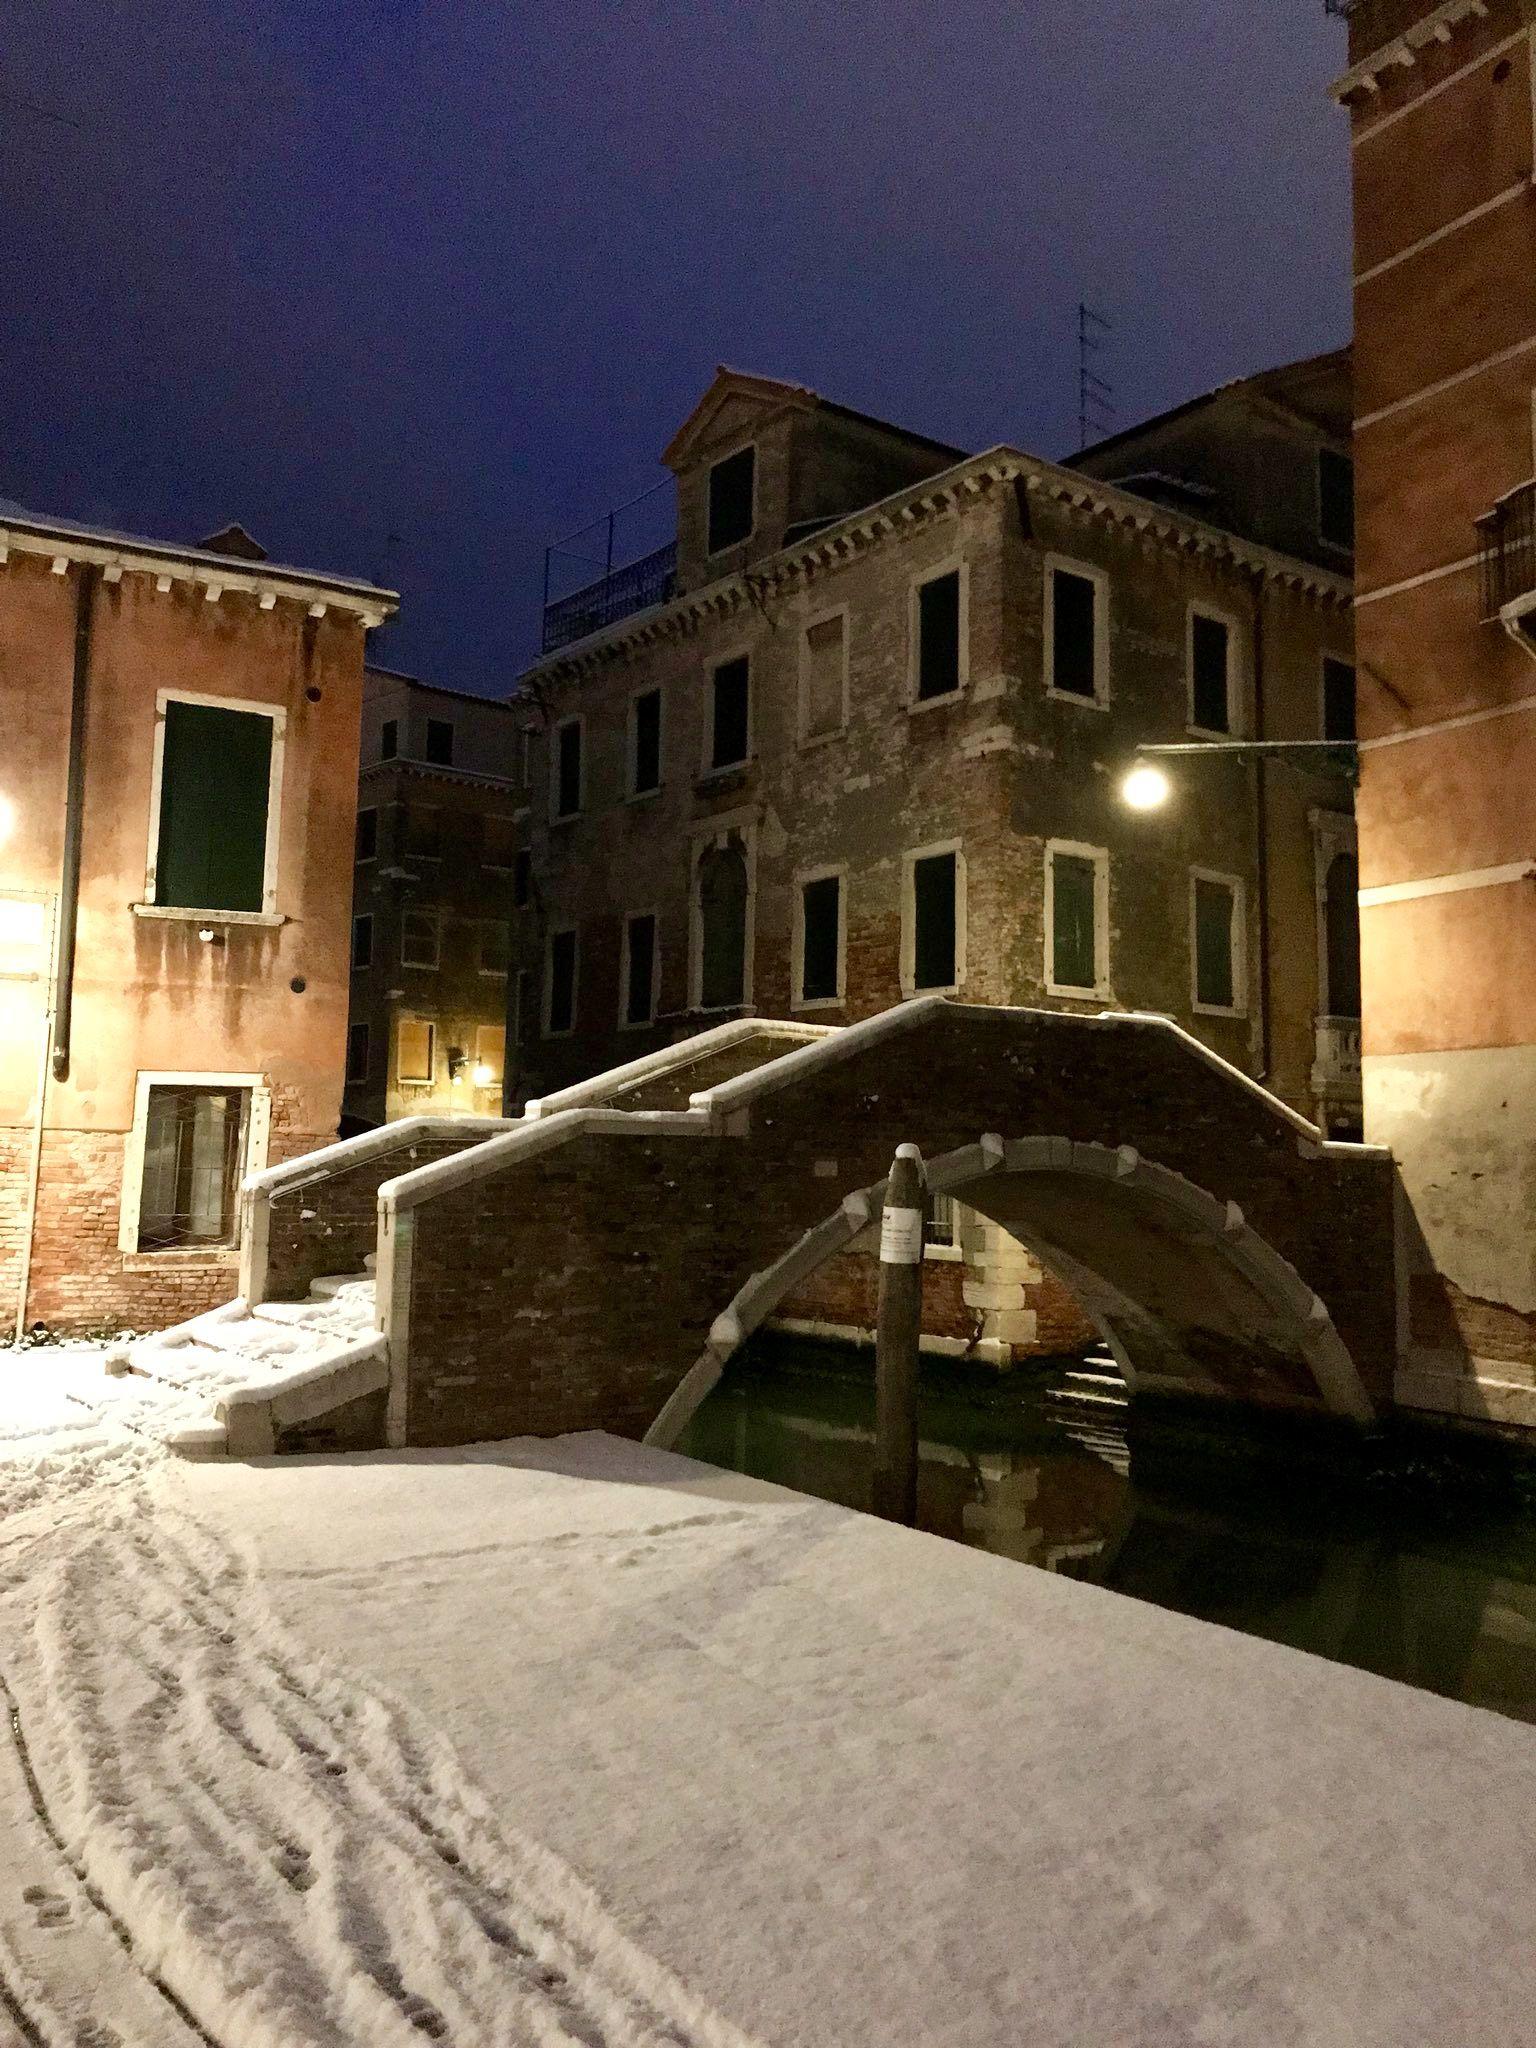 mercoled 28 febbraio 2018 la neve a venezia - Deckideen Nz